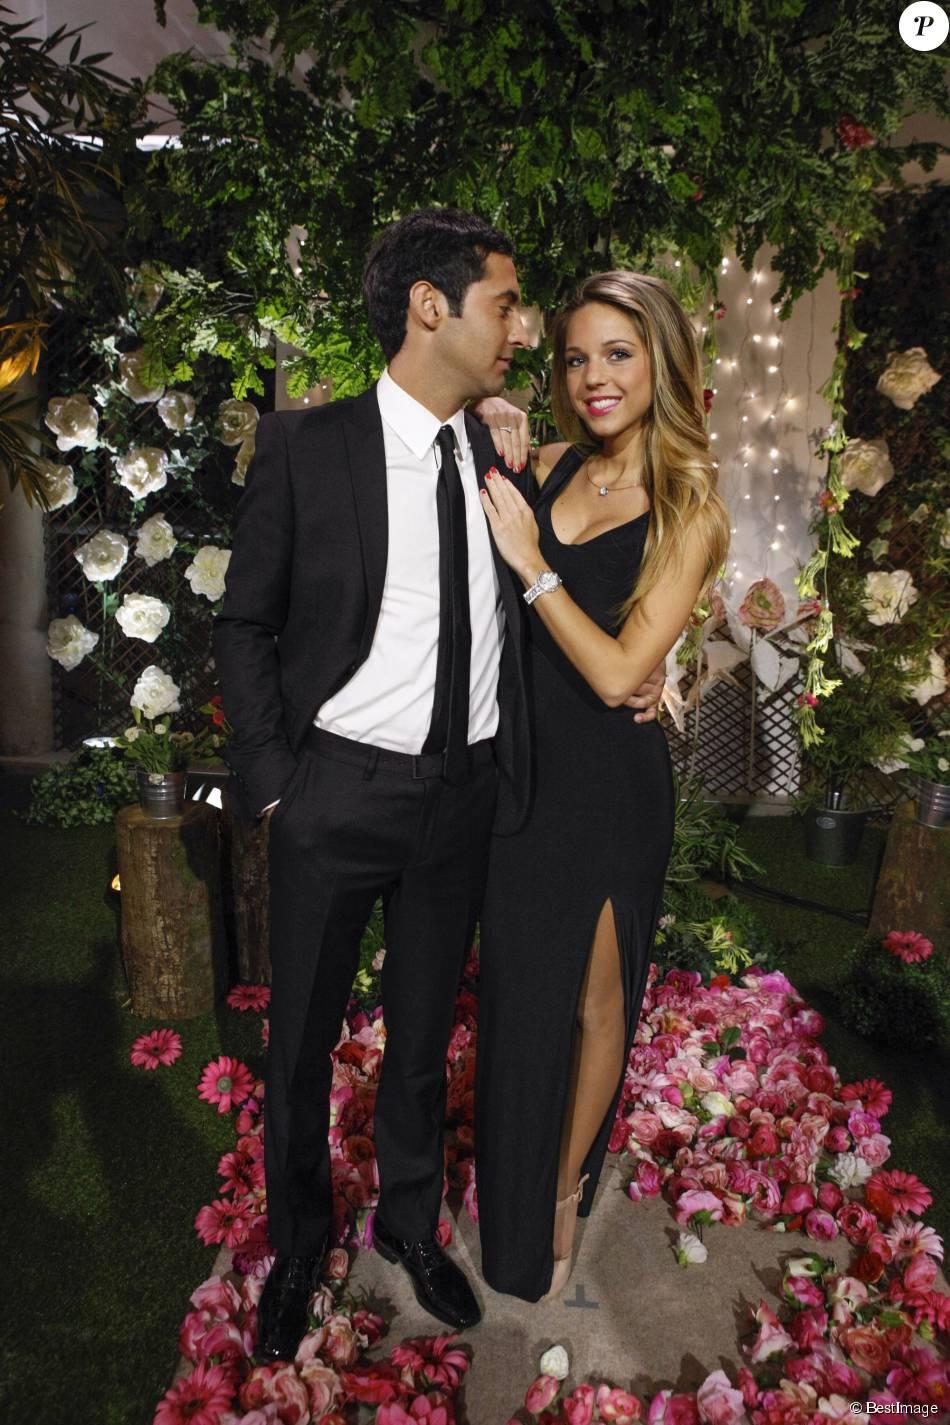 Exclusif - Alexandre et Maddy, lors de la cérémonie finale de l'émission  Qui veut épouser mon fils ?  saison 4 (tournage le 7 mars 2015, diffusion le vendredi 17 juillet 2015).